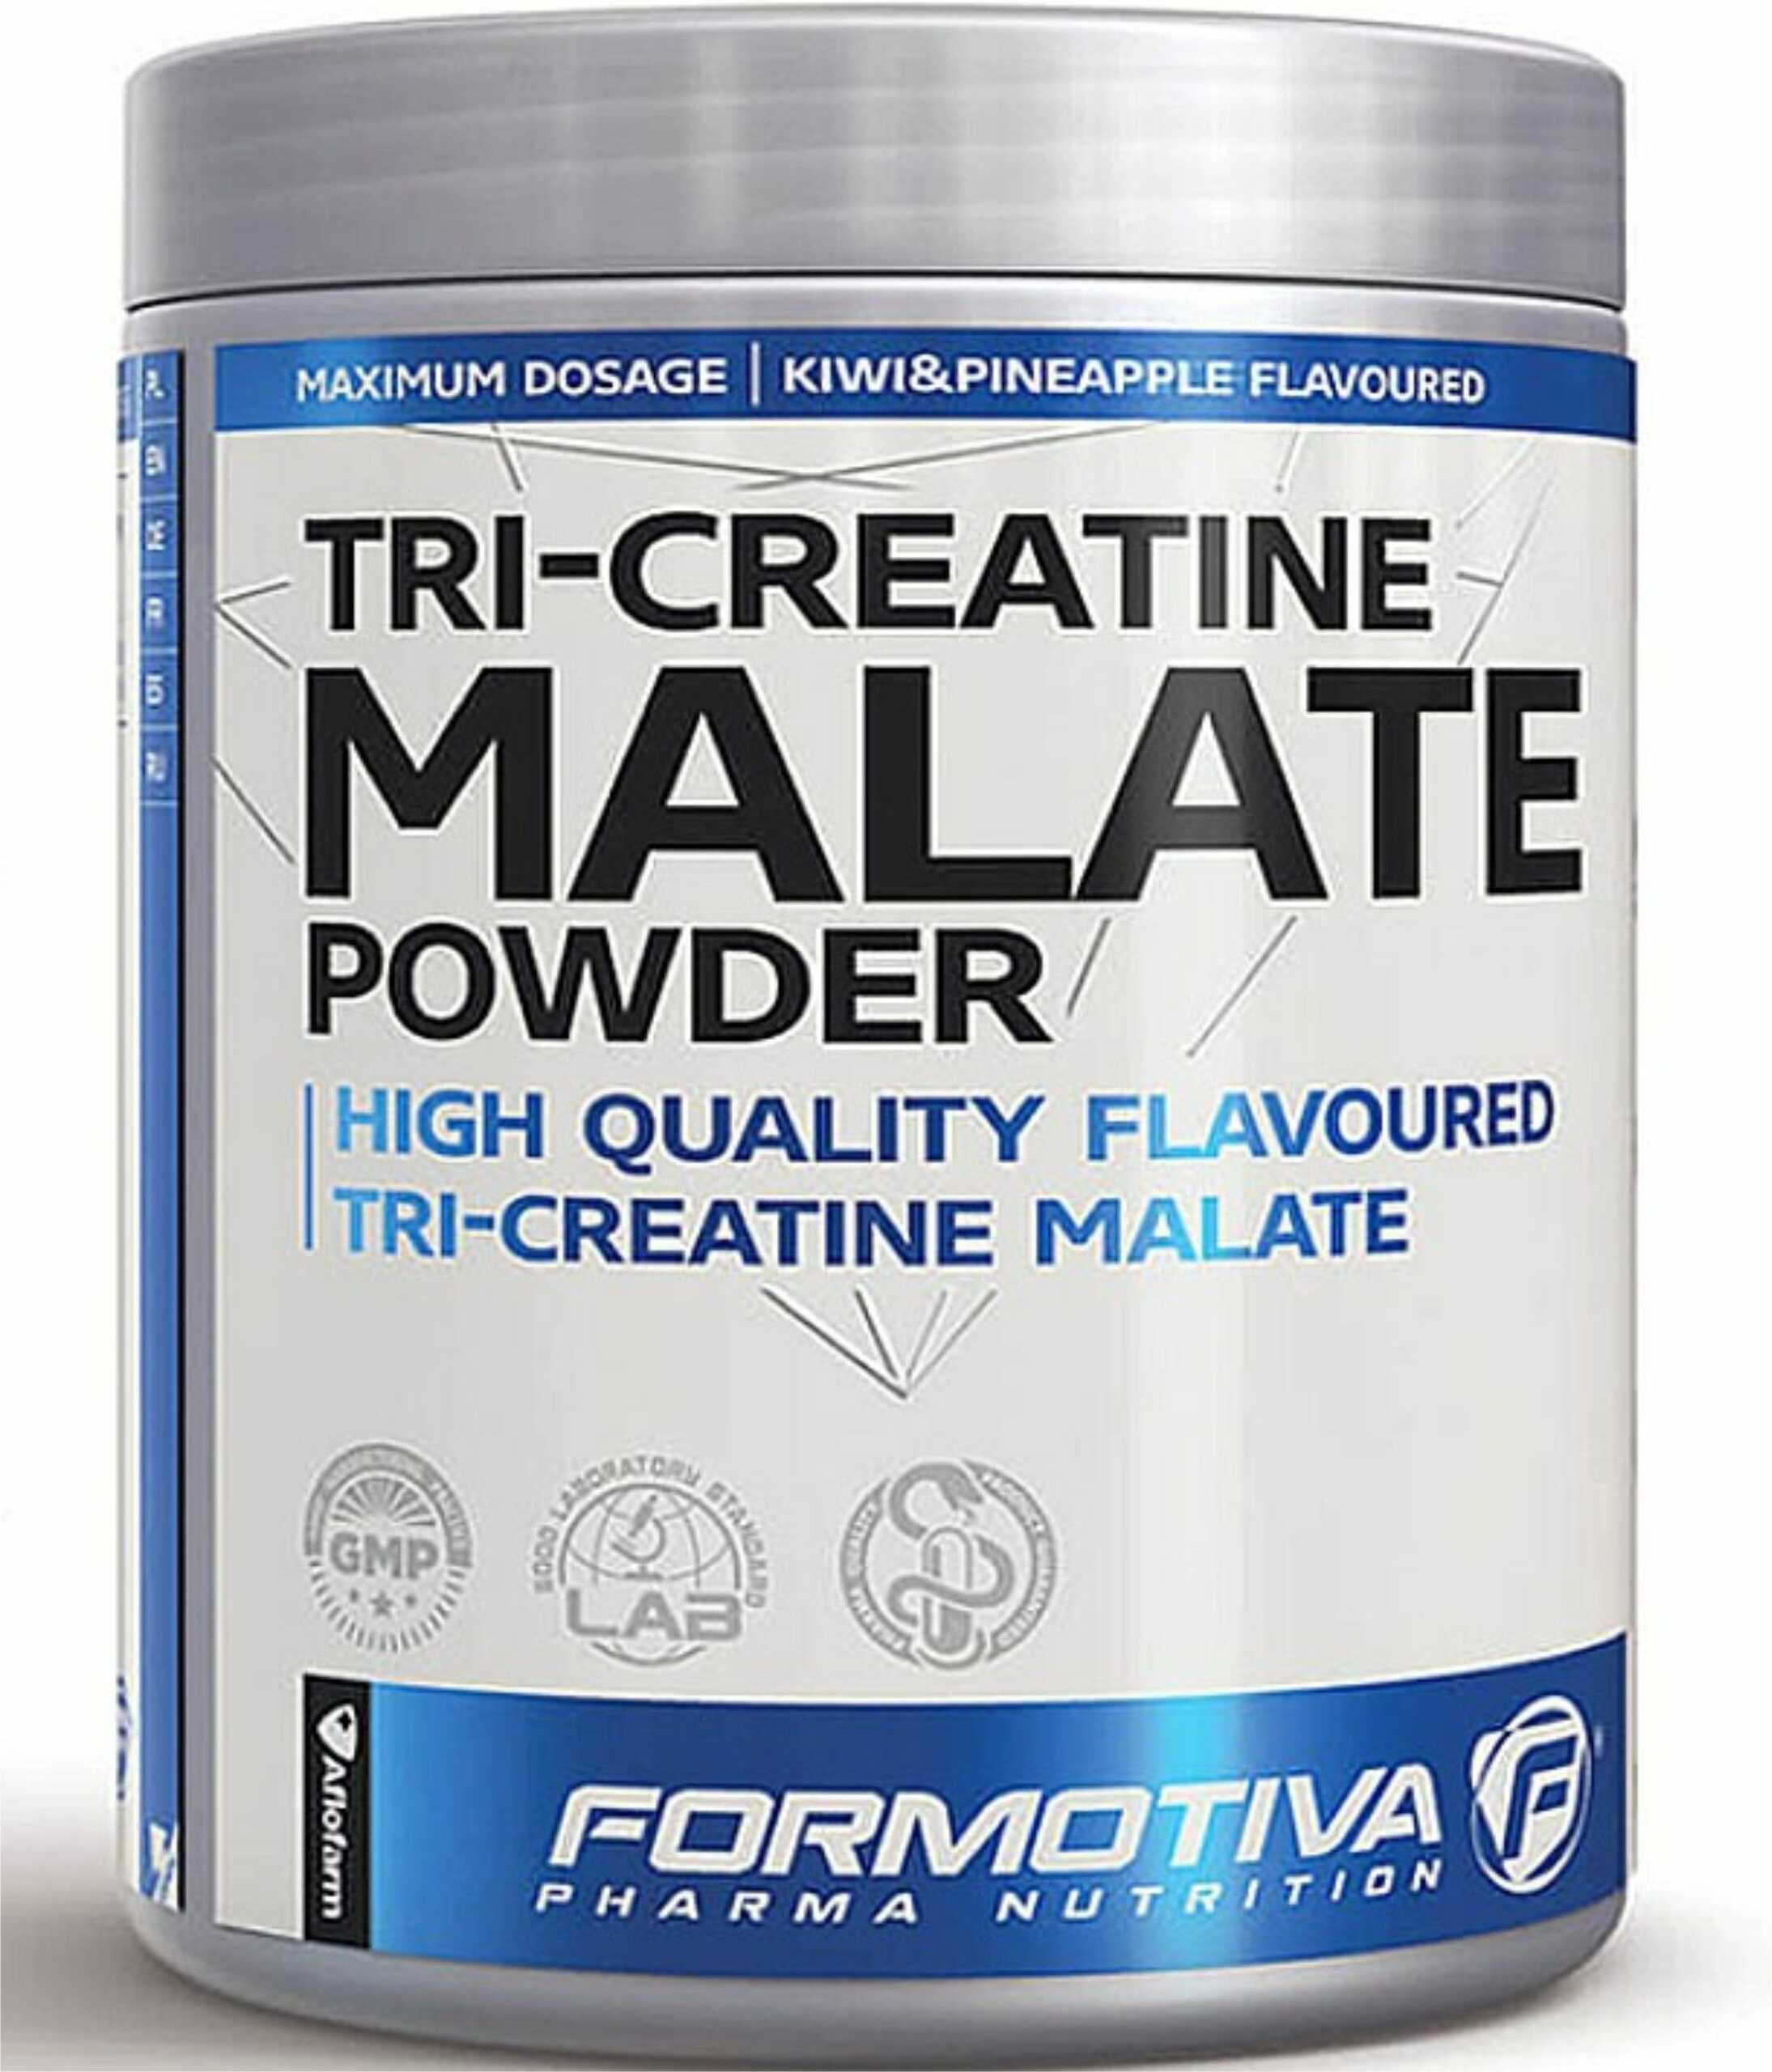 Formotiva Tri-Creatine Malate Powder 400 g smaki x 2 TANIE ODŻYWKI , NATYCHMIASTOWA WYSYŁKA !